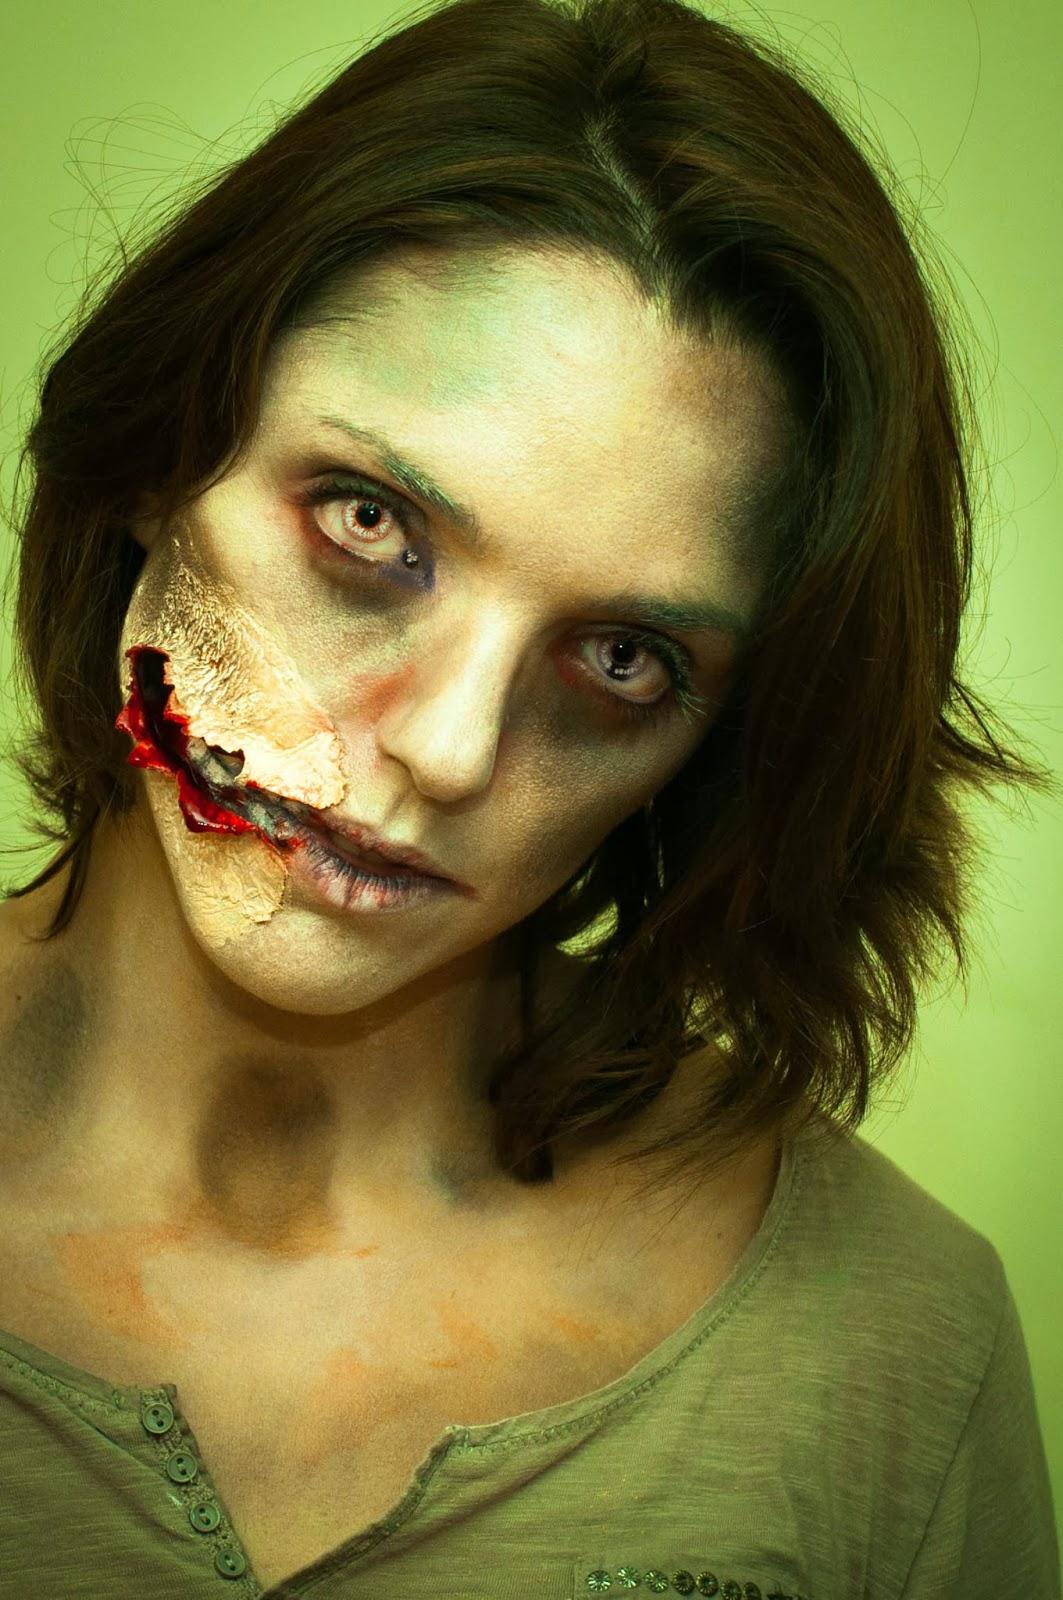 pixies tips halloween 2013 maquillage de zombie et sculpture de citrouilles. Black Bedroom Furniture Sets. Home Design Ideas